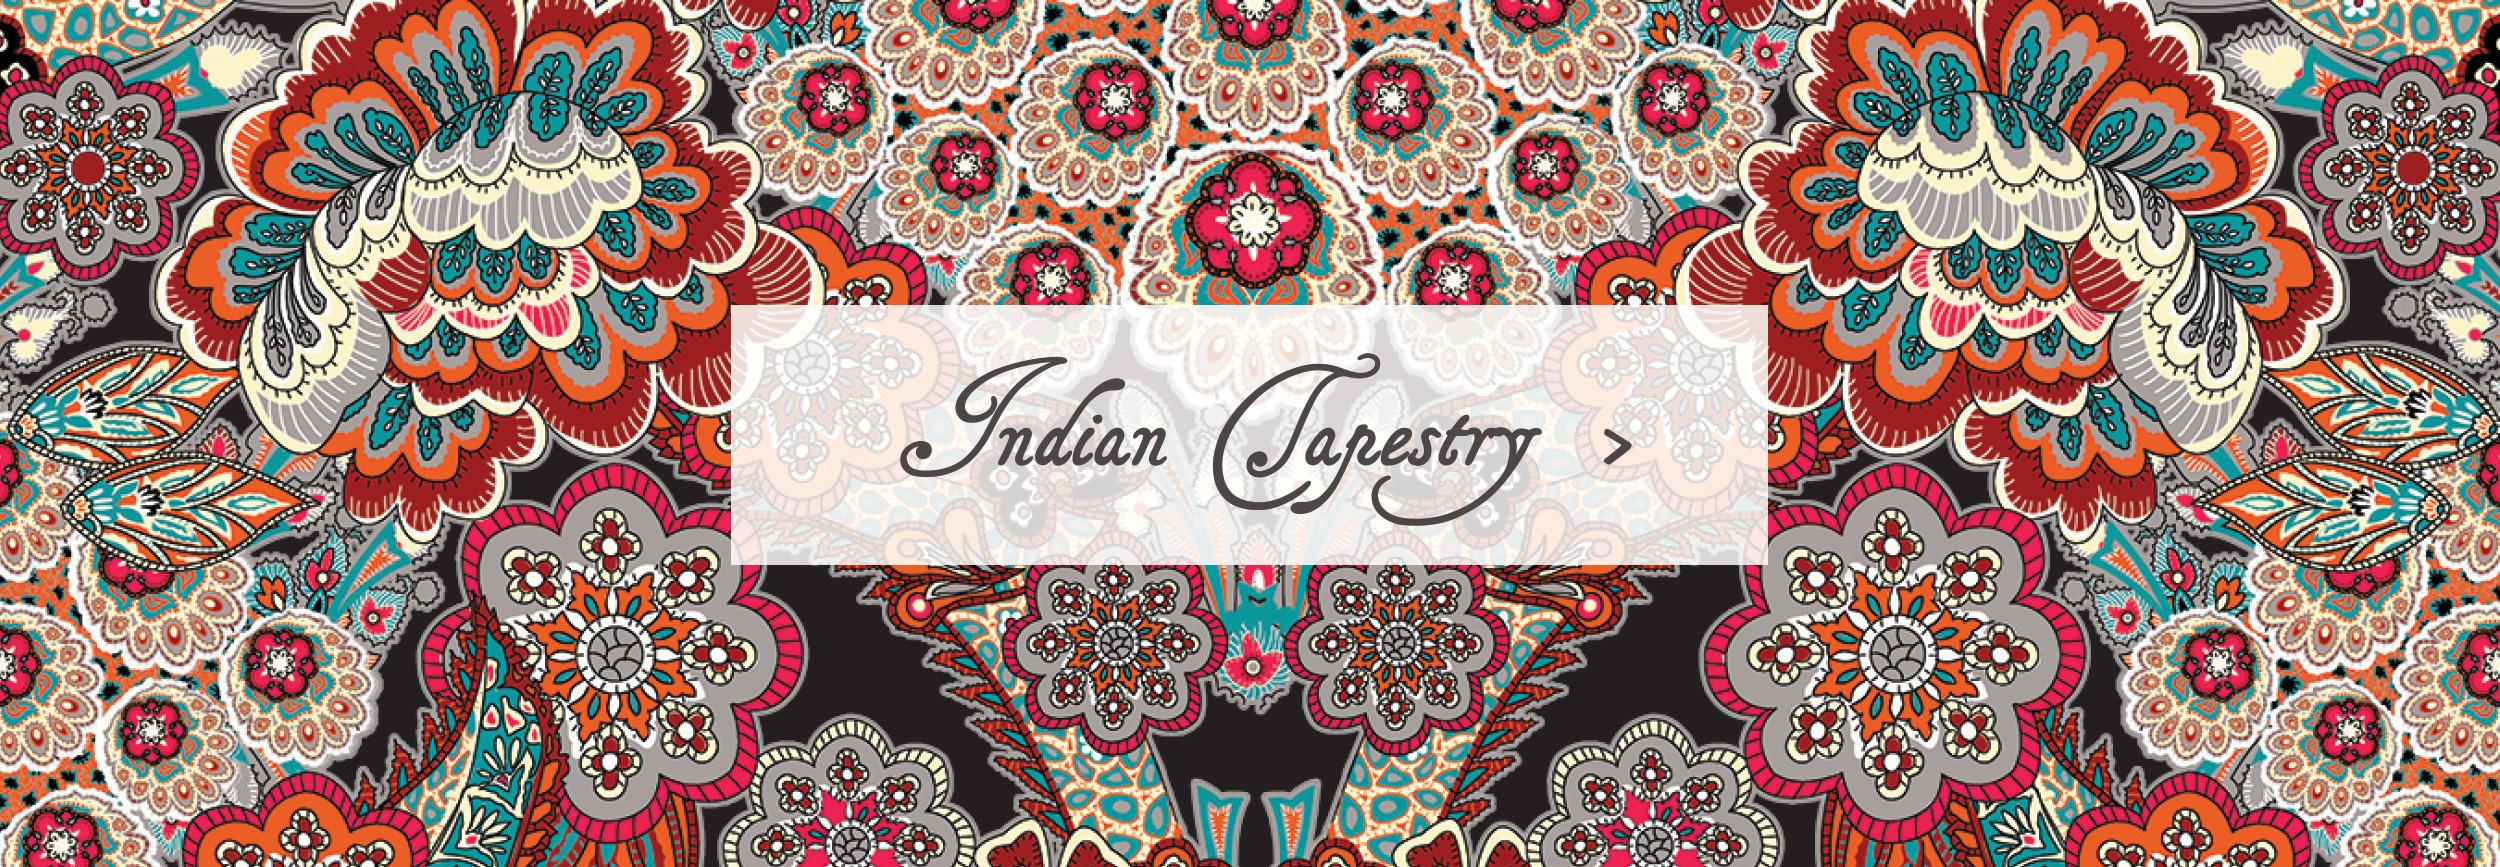 Indian Tapestry Sleeping Bag Beauties Pattern Print